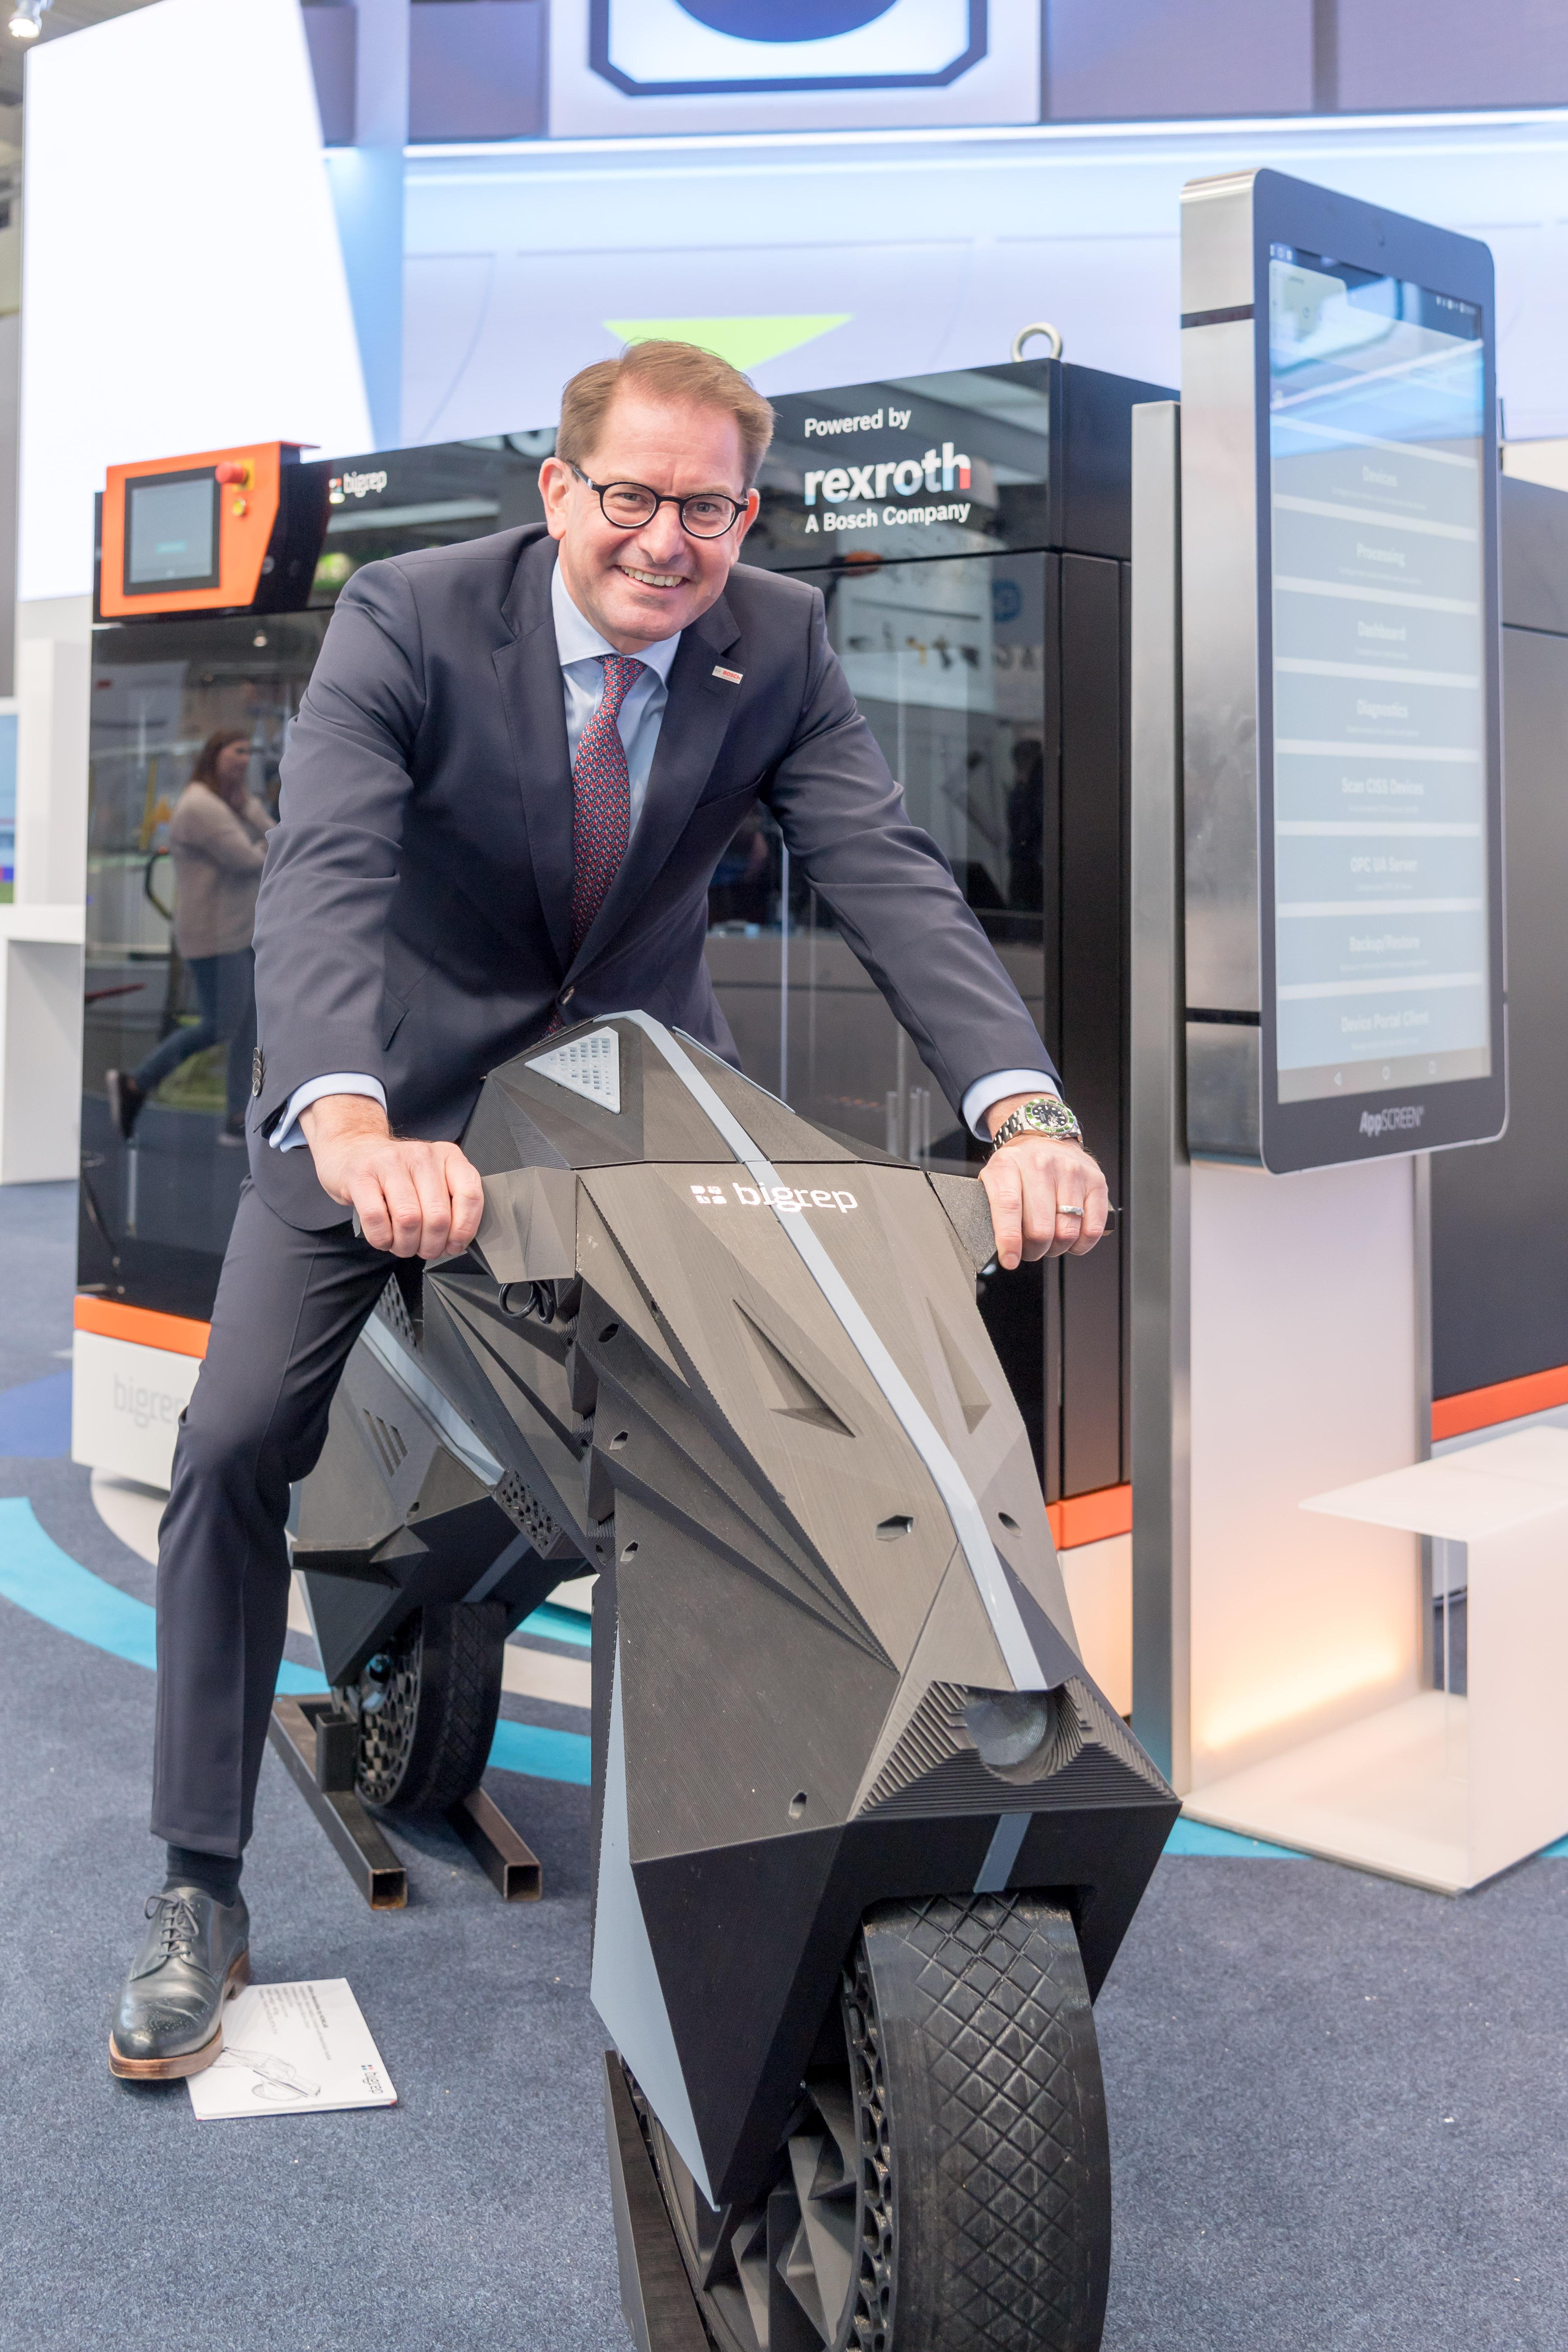 Dr. Marc Wucherer, člen predstavenstva Bosch Rexroth, na celosvetovo prvé elektrické motorke vytlačené na 3D tlačiarni